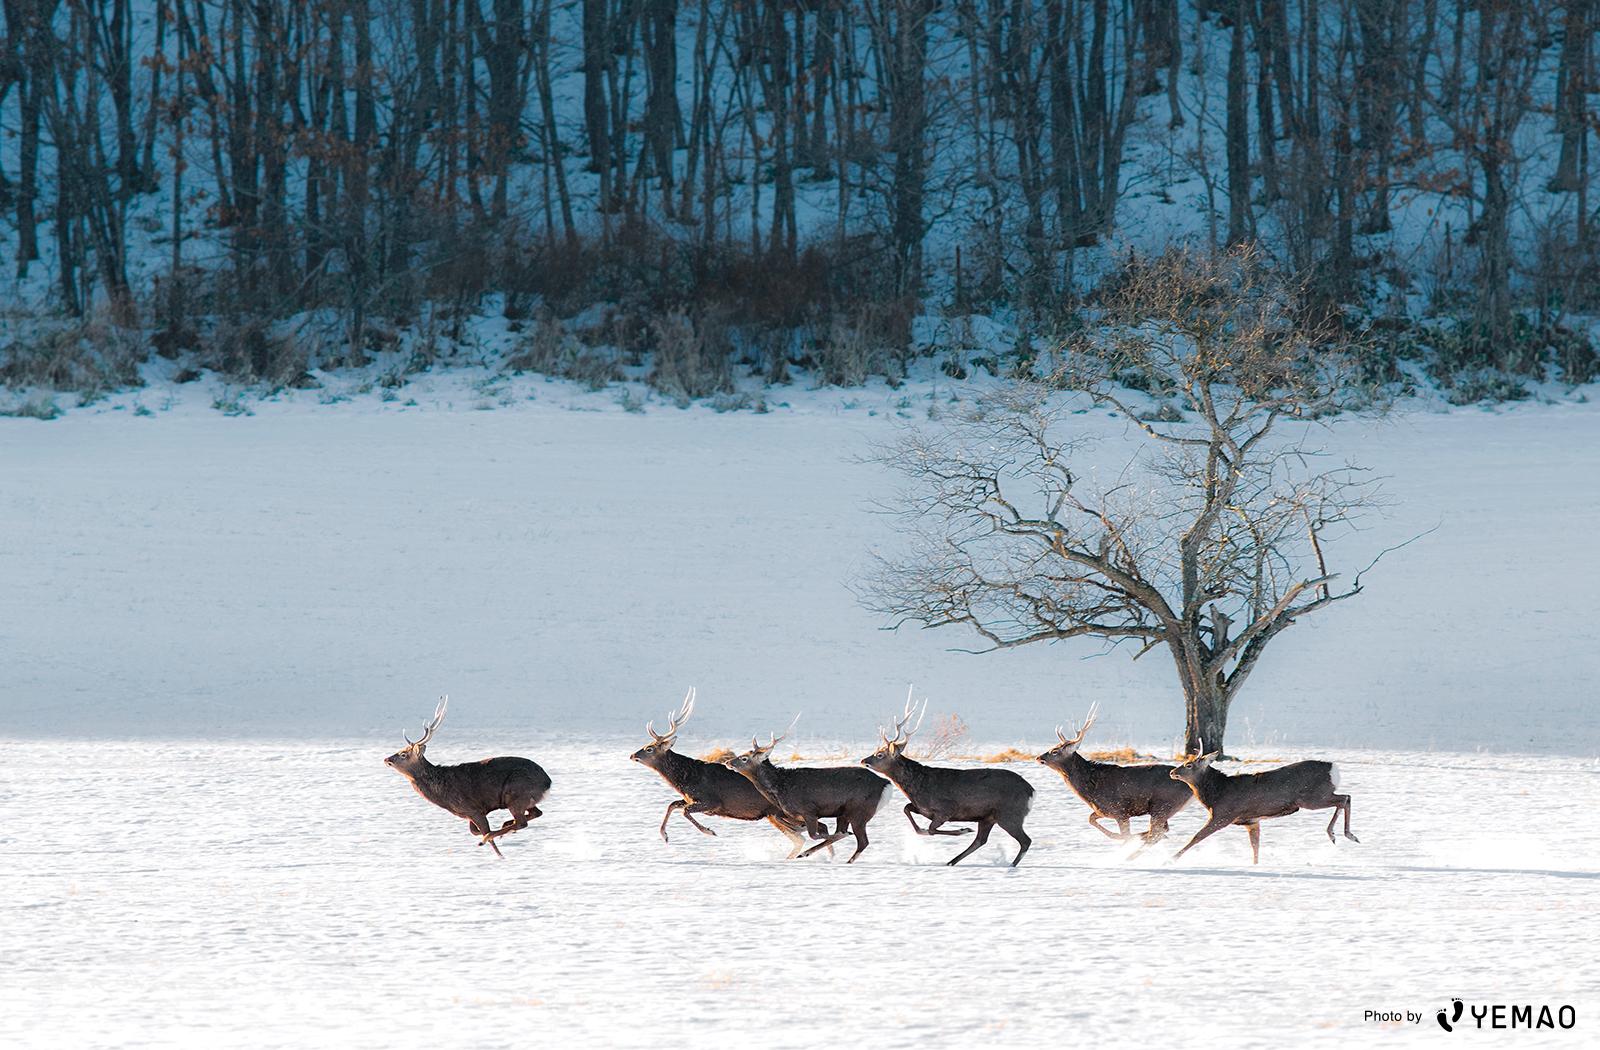 壁紙プレゼント 知床半島の 冬景色 写真6選 Starthome